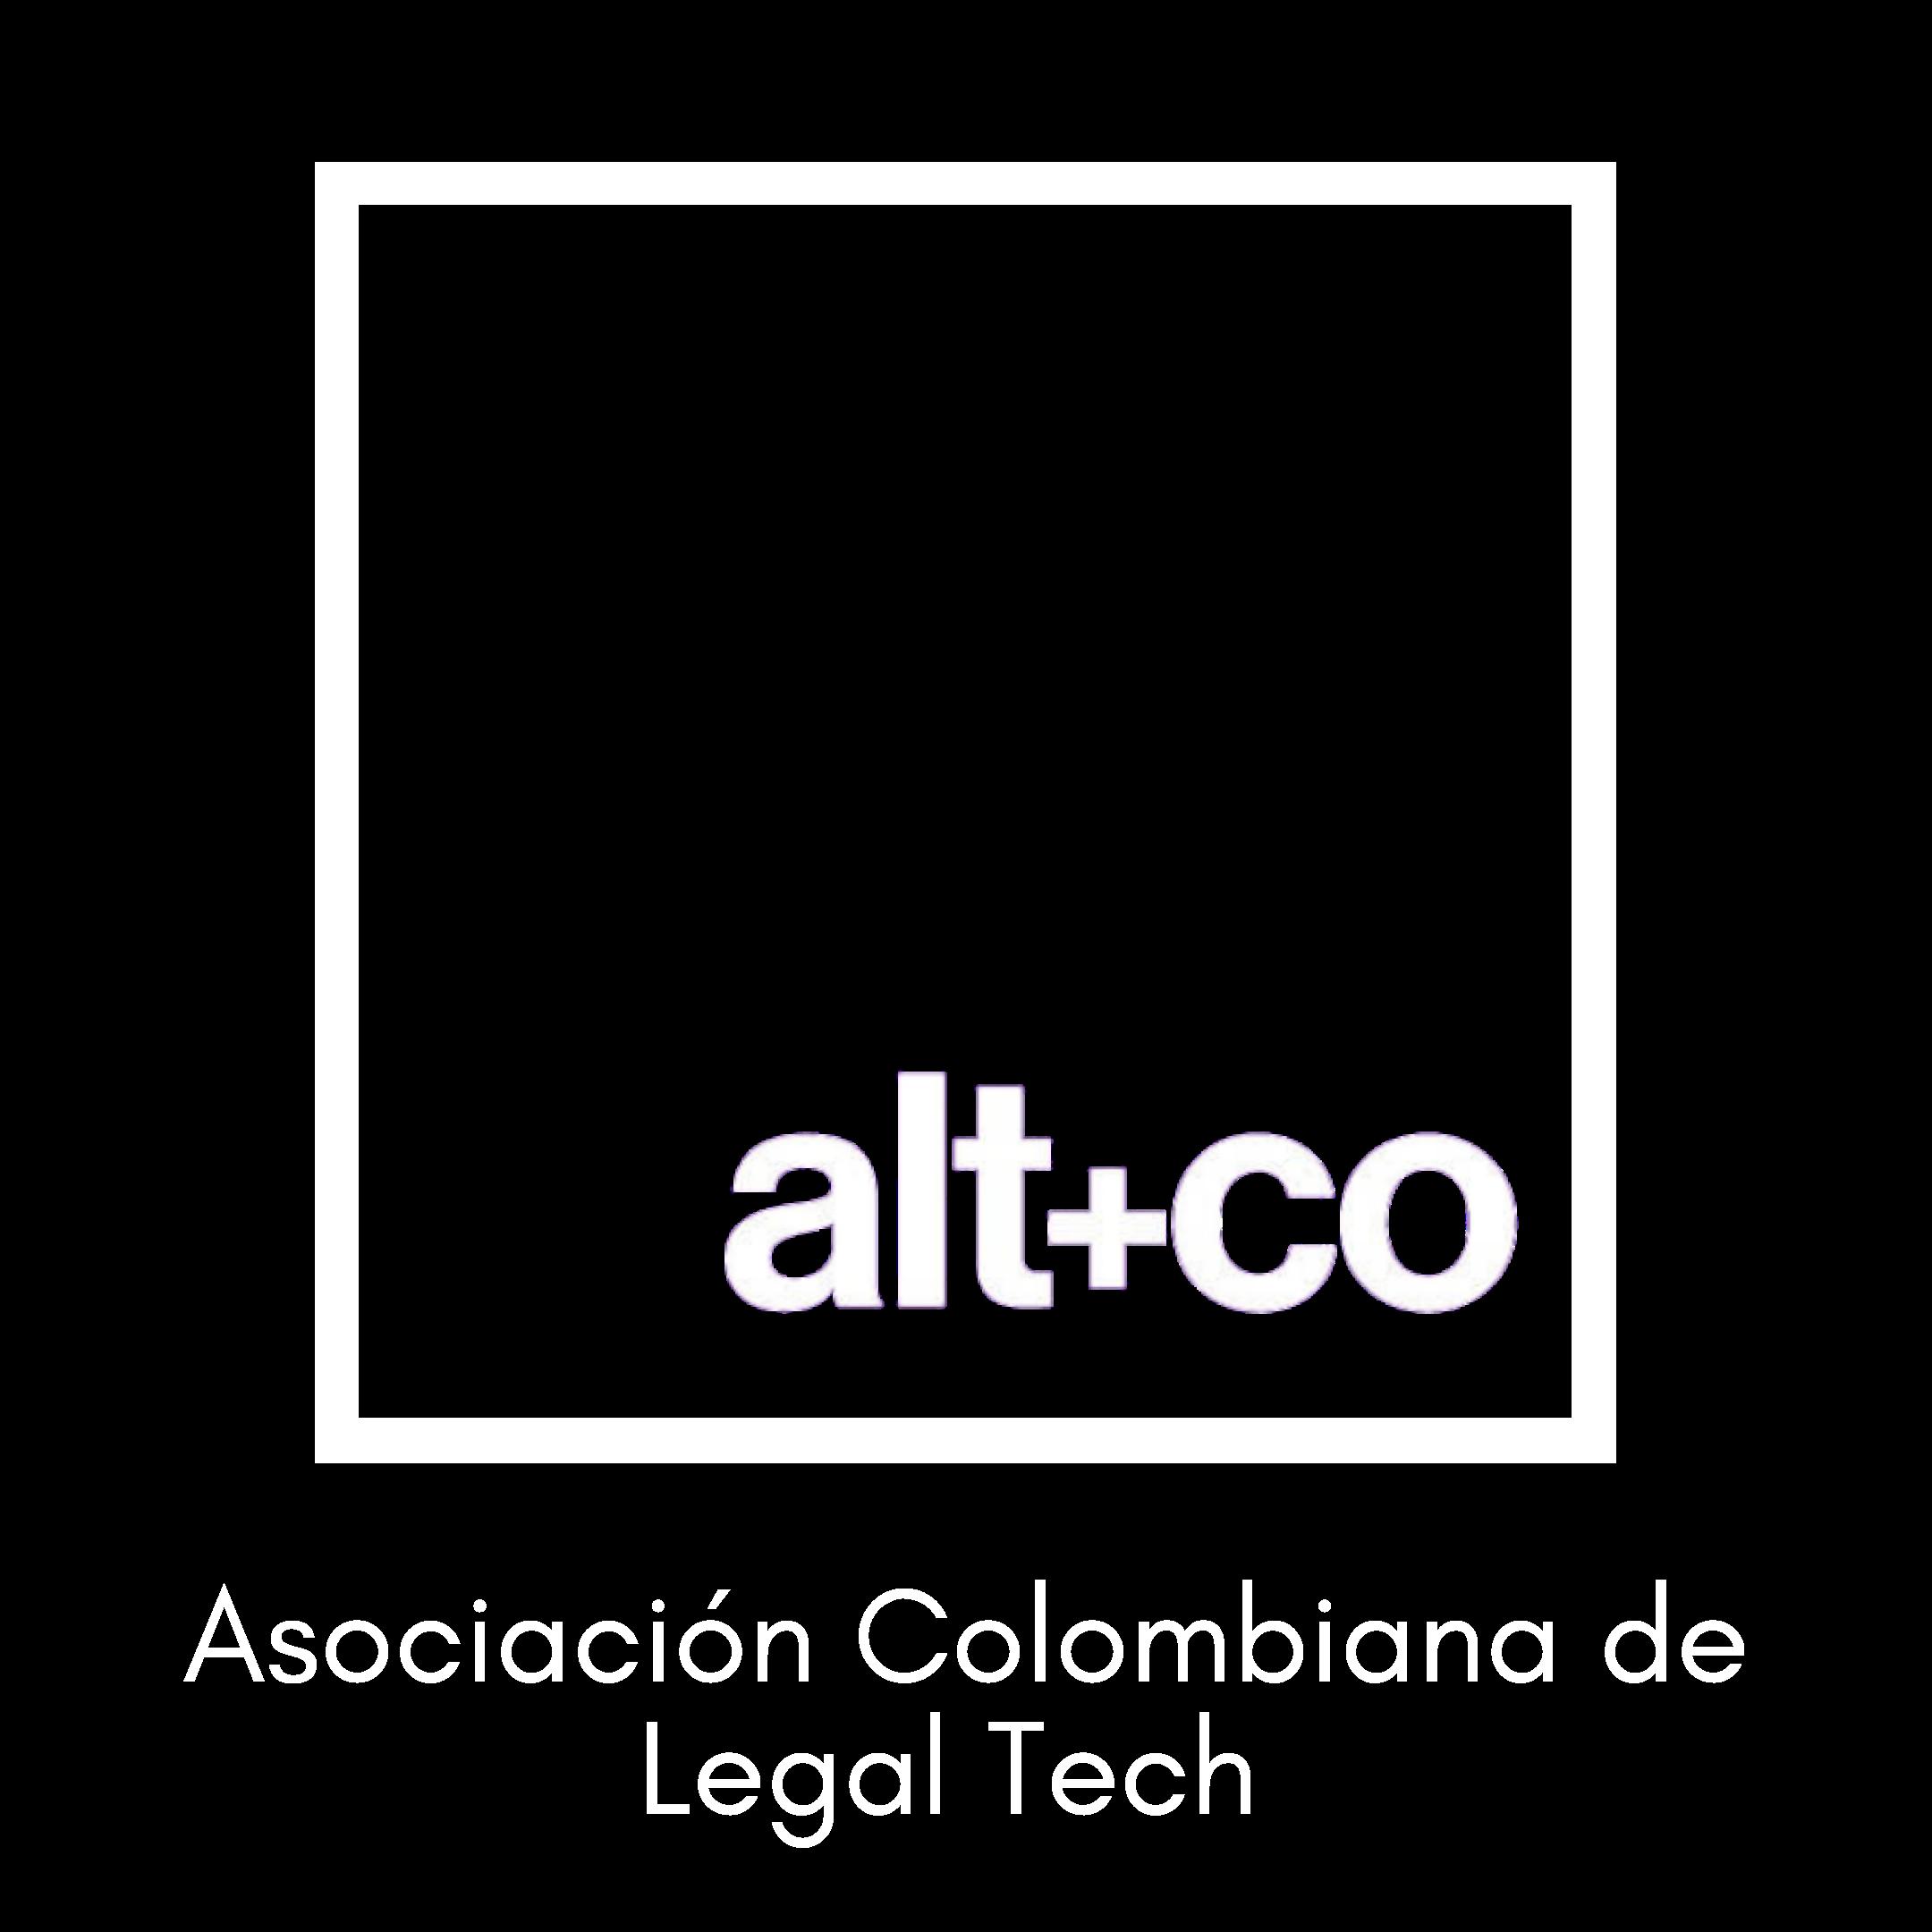 Alt+Co